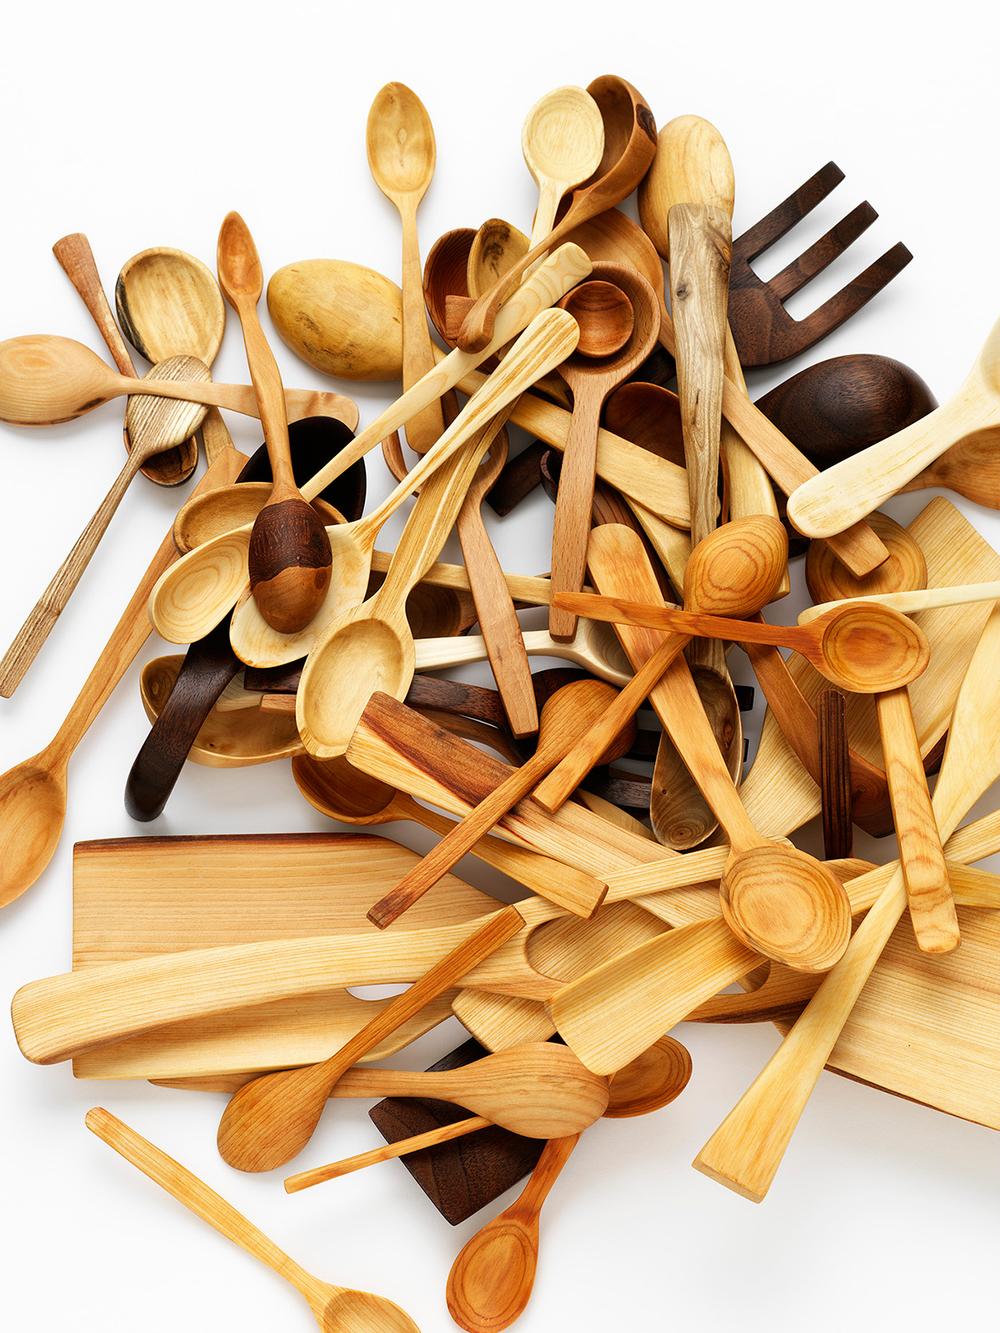 Spoons_BigPile-002.jpg